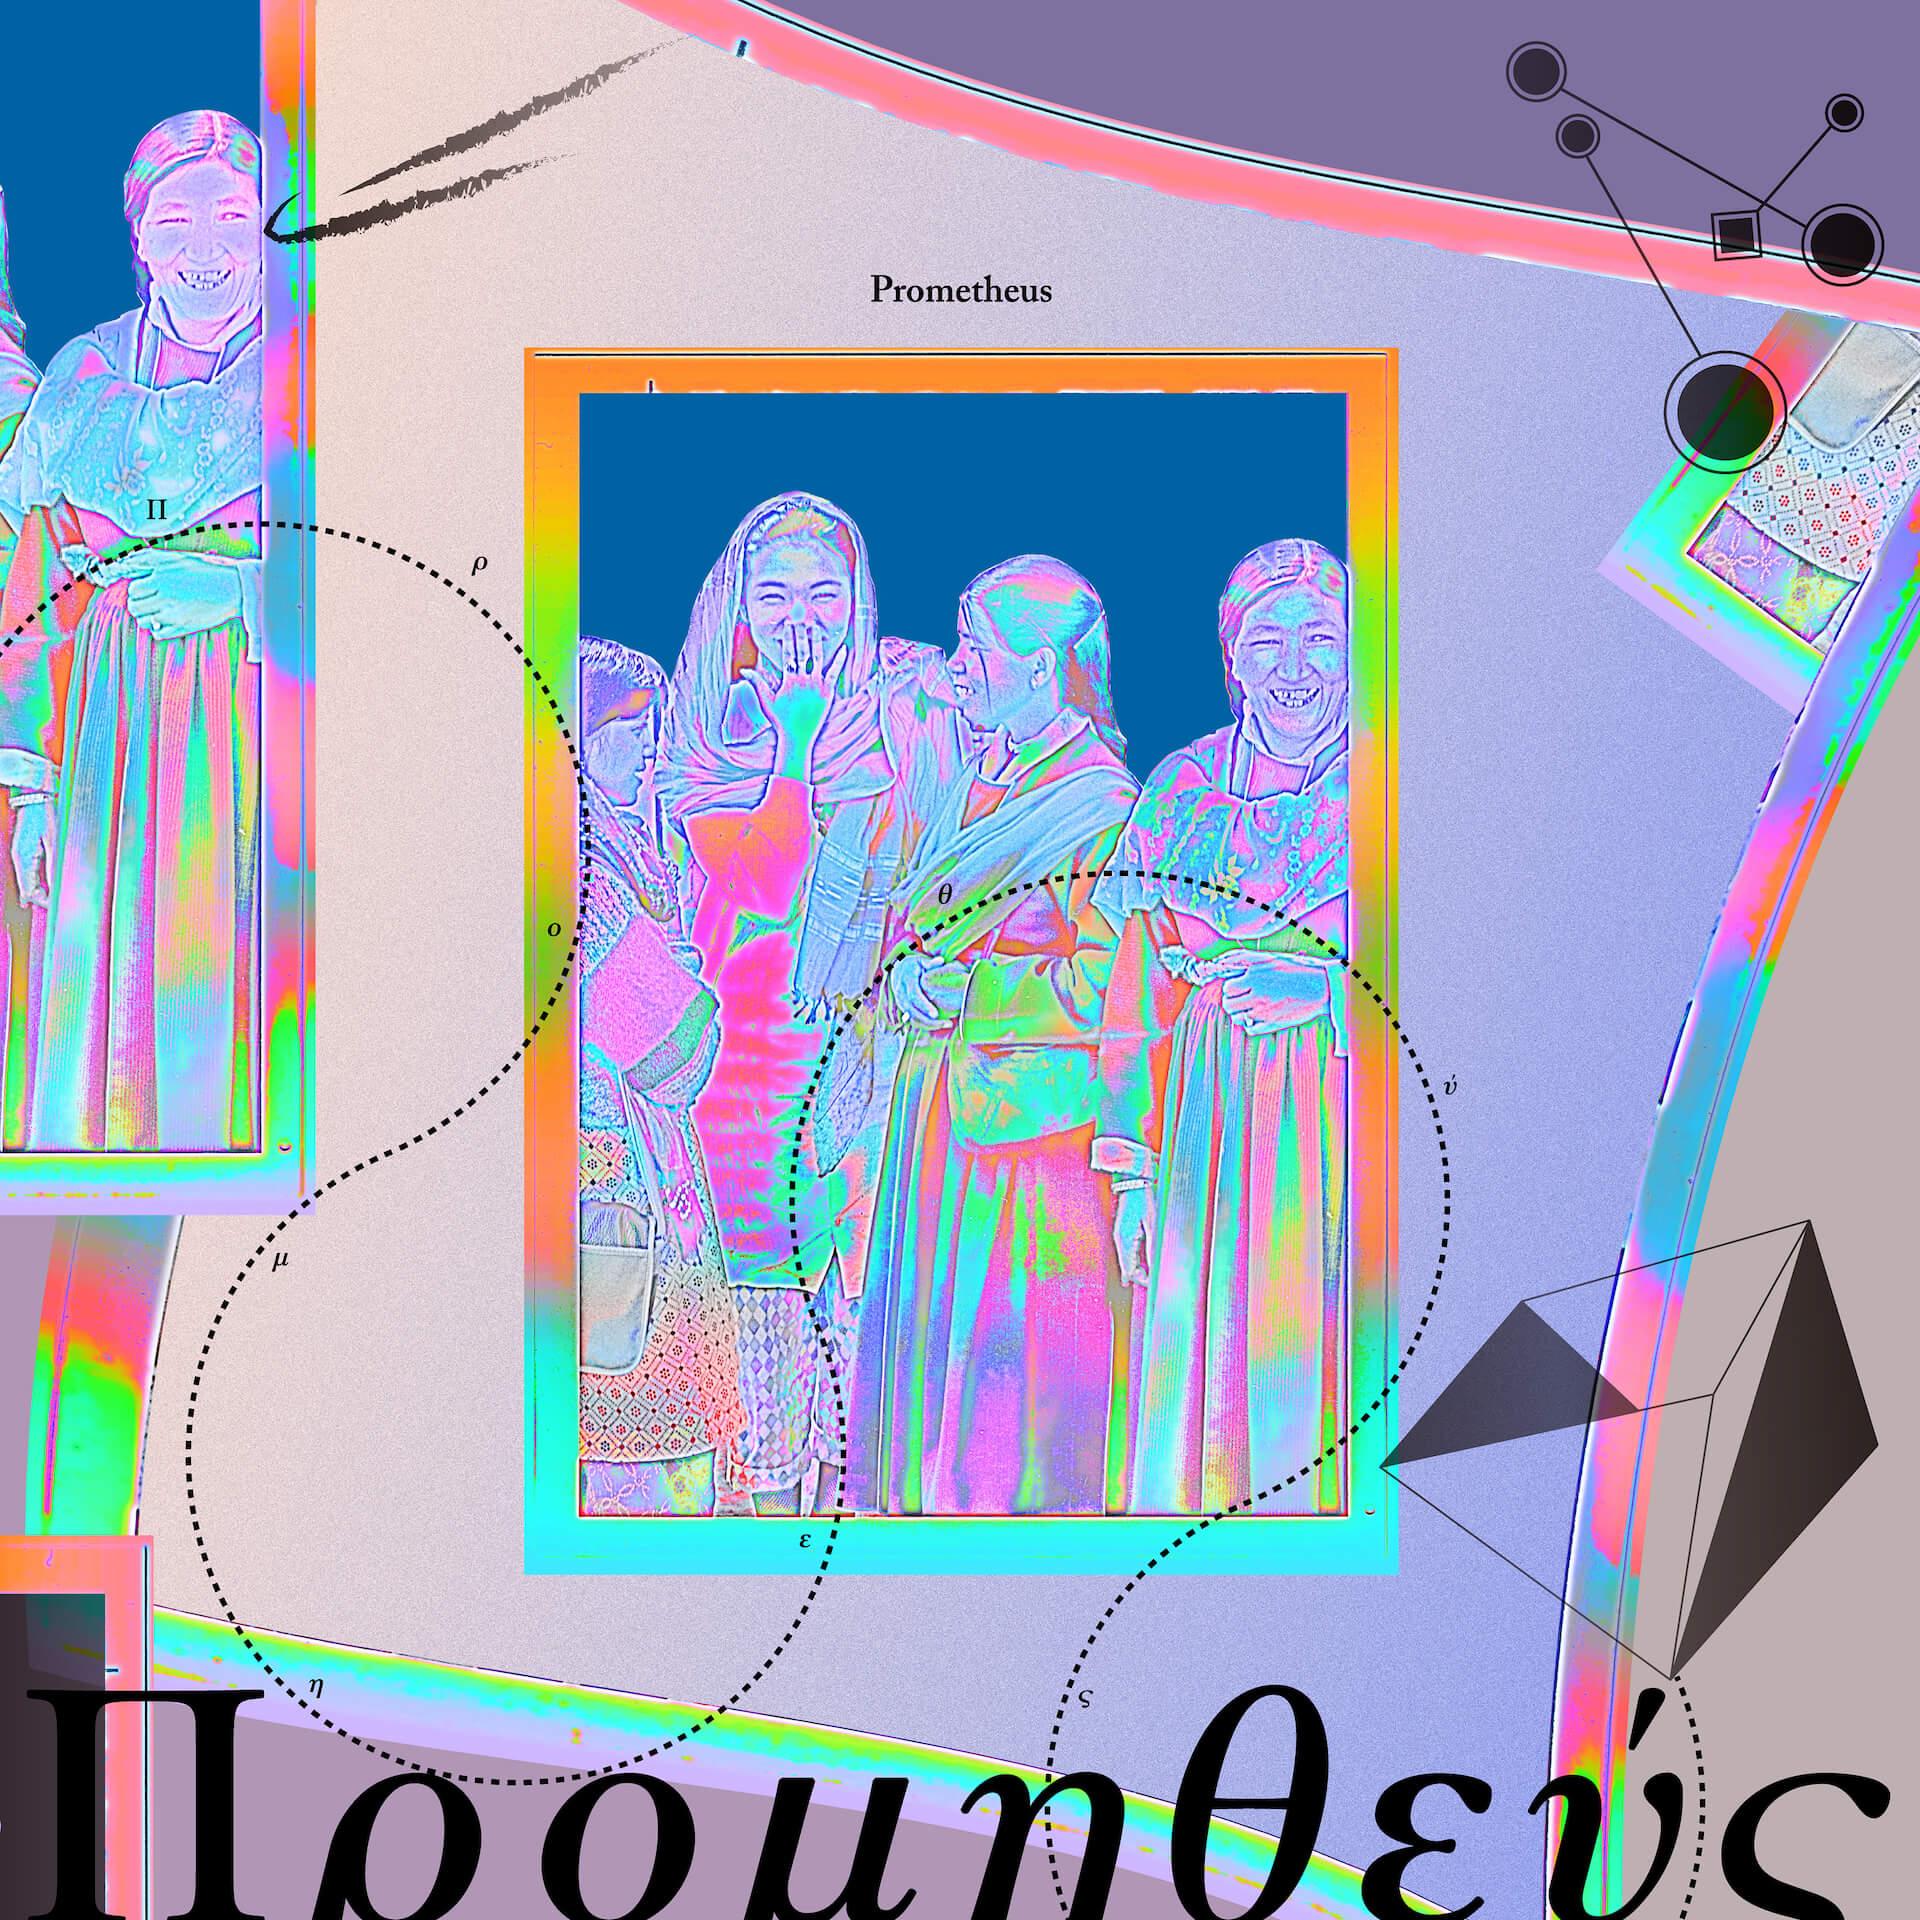 """七尾旅人とJ.A.K.A.M.(JUZU a.k.a. MOOCHY)のコラボ曲""""Prometheus""""が本日デジタルリリース開始! music210512_nanaotabibito210512_2"""